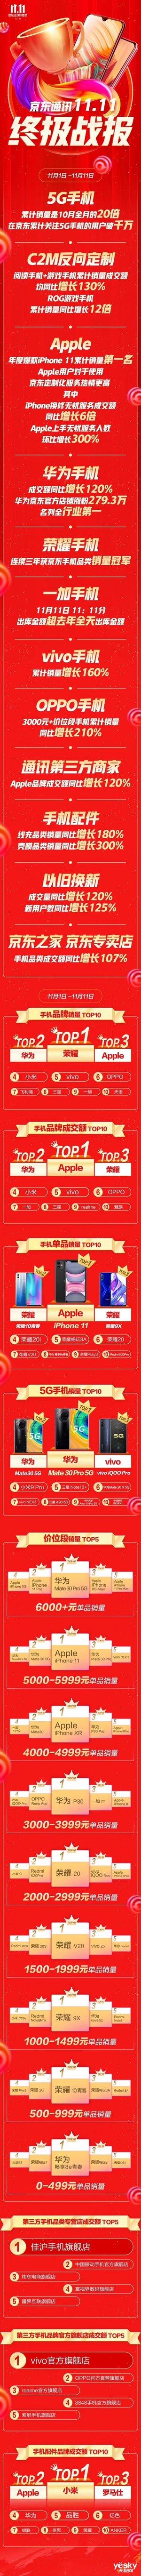 京东手机11.11终极战报:苹果荣耀华为vivoOPPO等遍地开花